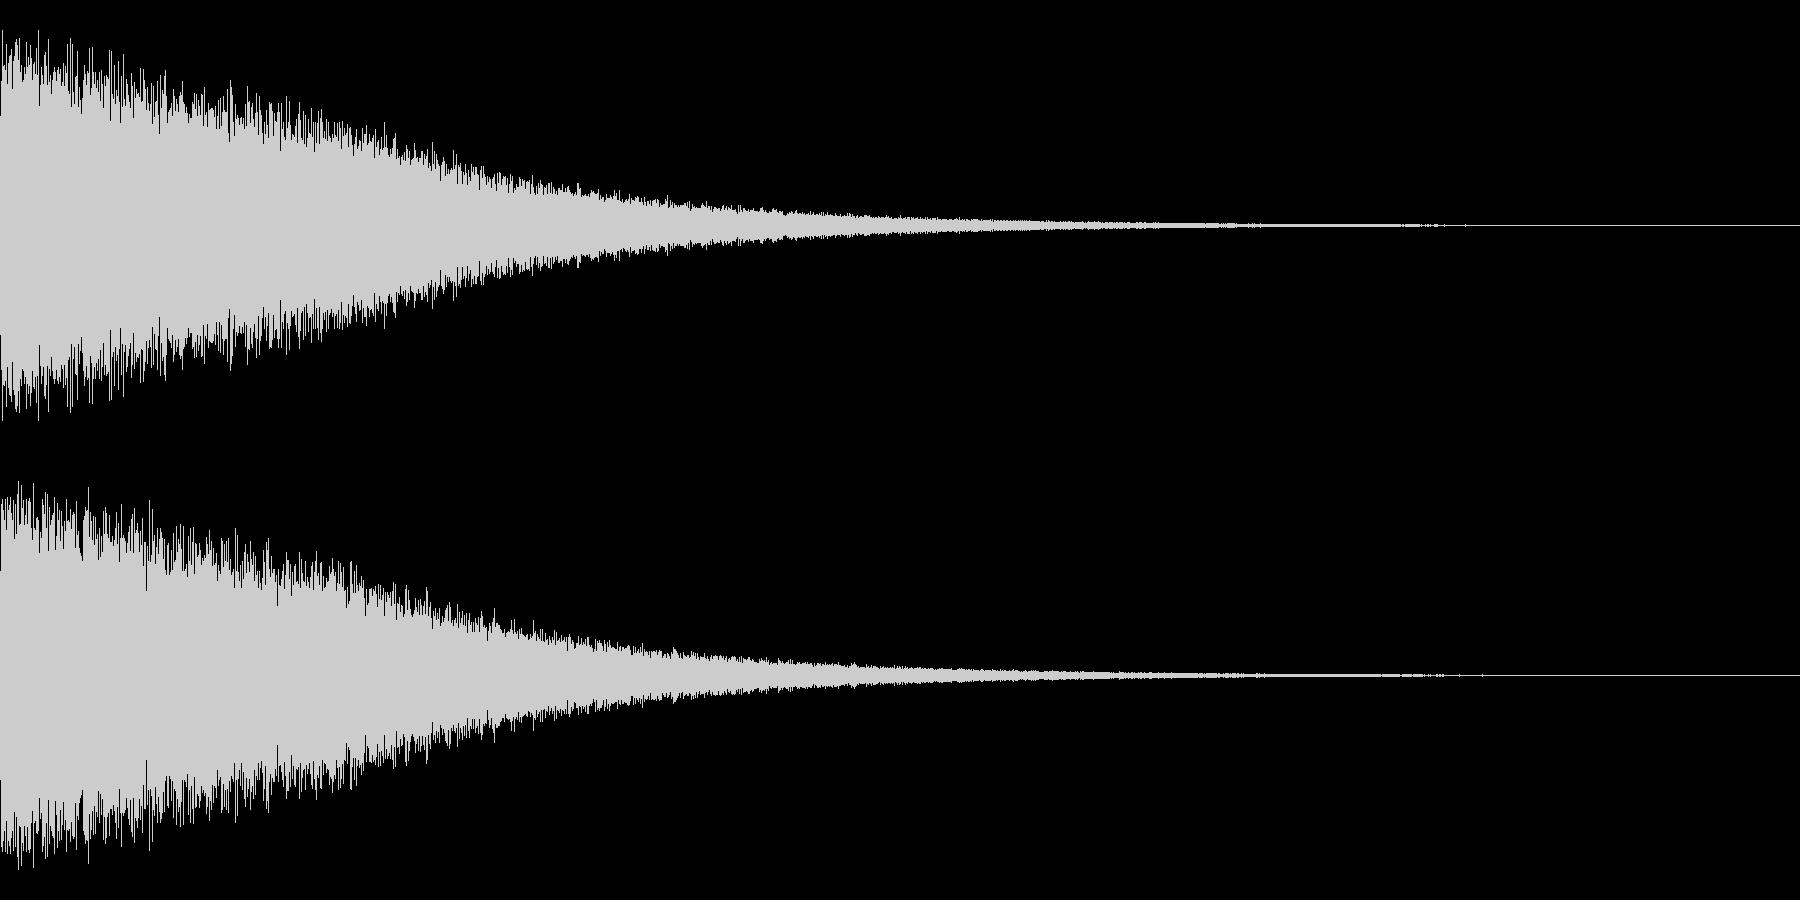 ピーーーーーーーーーン(ベル)の未再生の波形